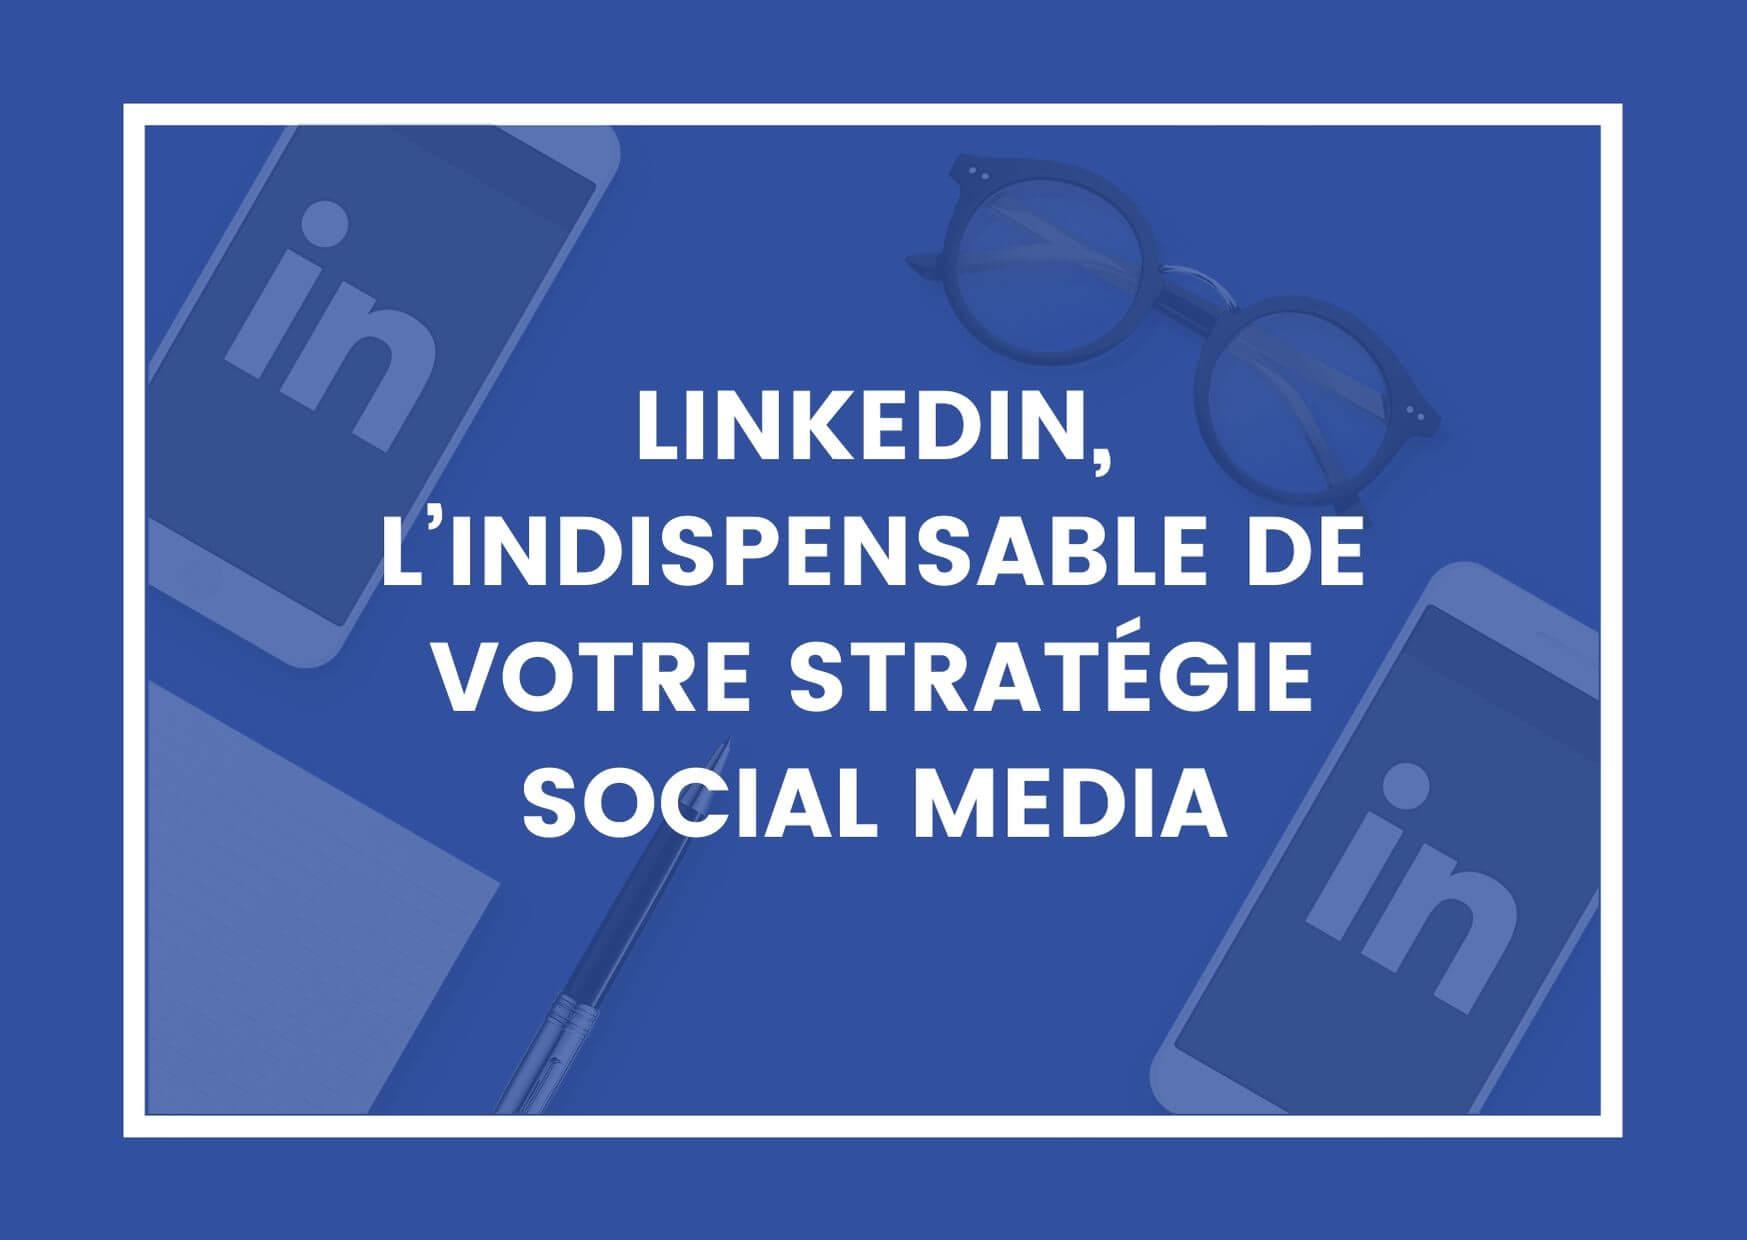 LINKEDIN, L'INDISPENSABLE DE VOTRE STRATÉGIE SOCIAL MEDIA